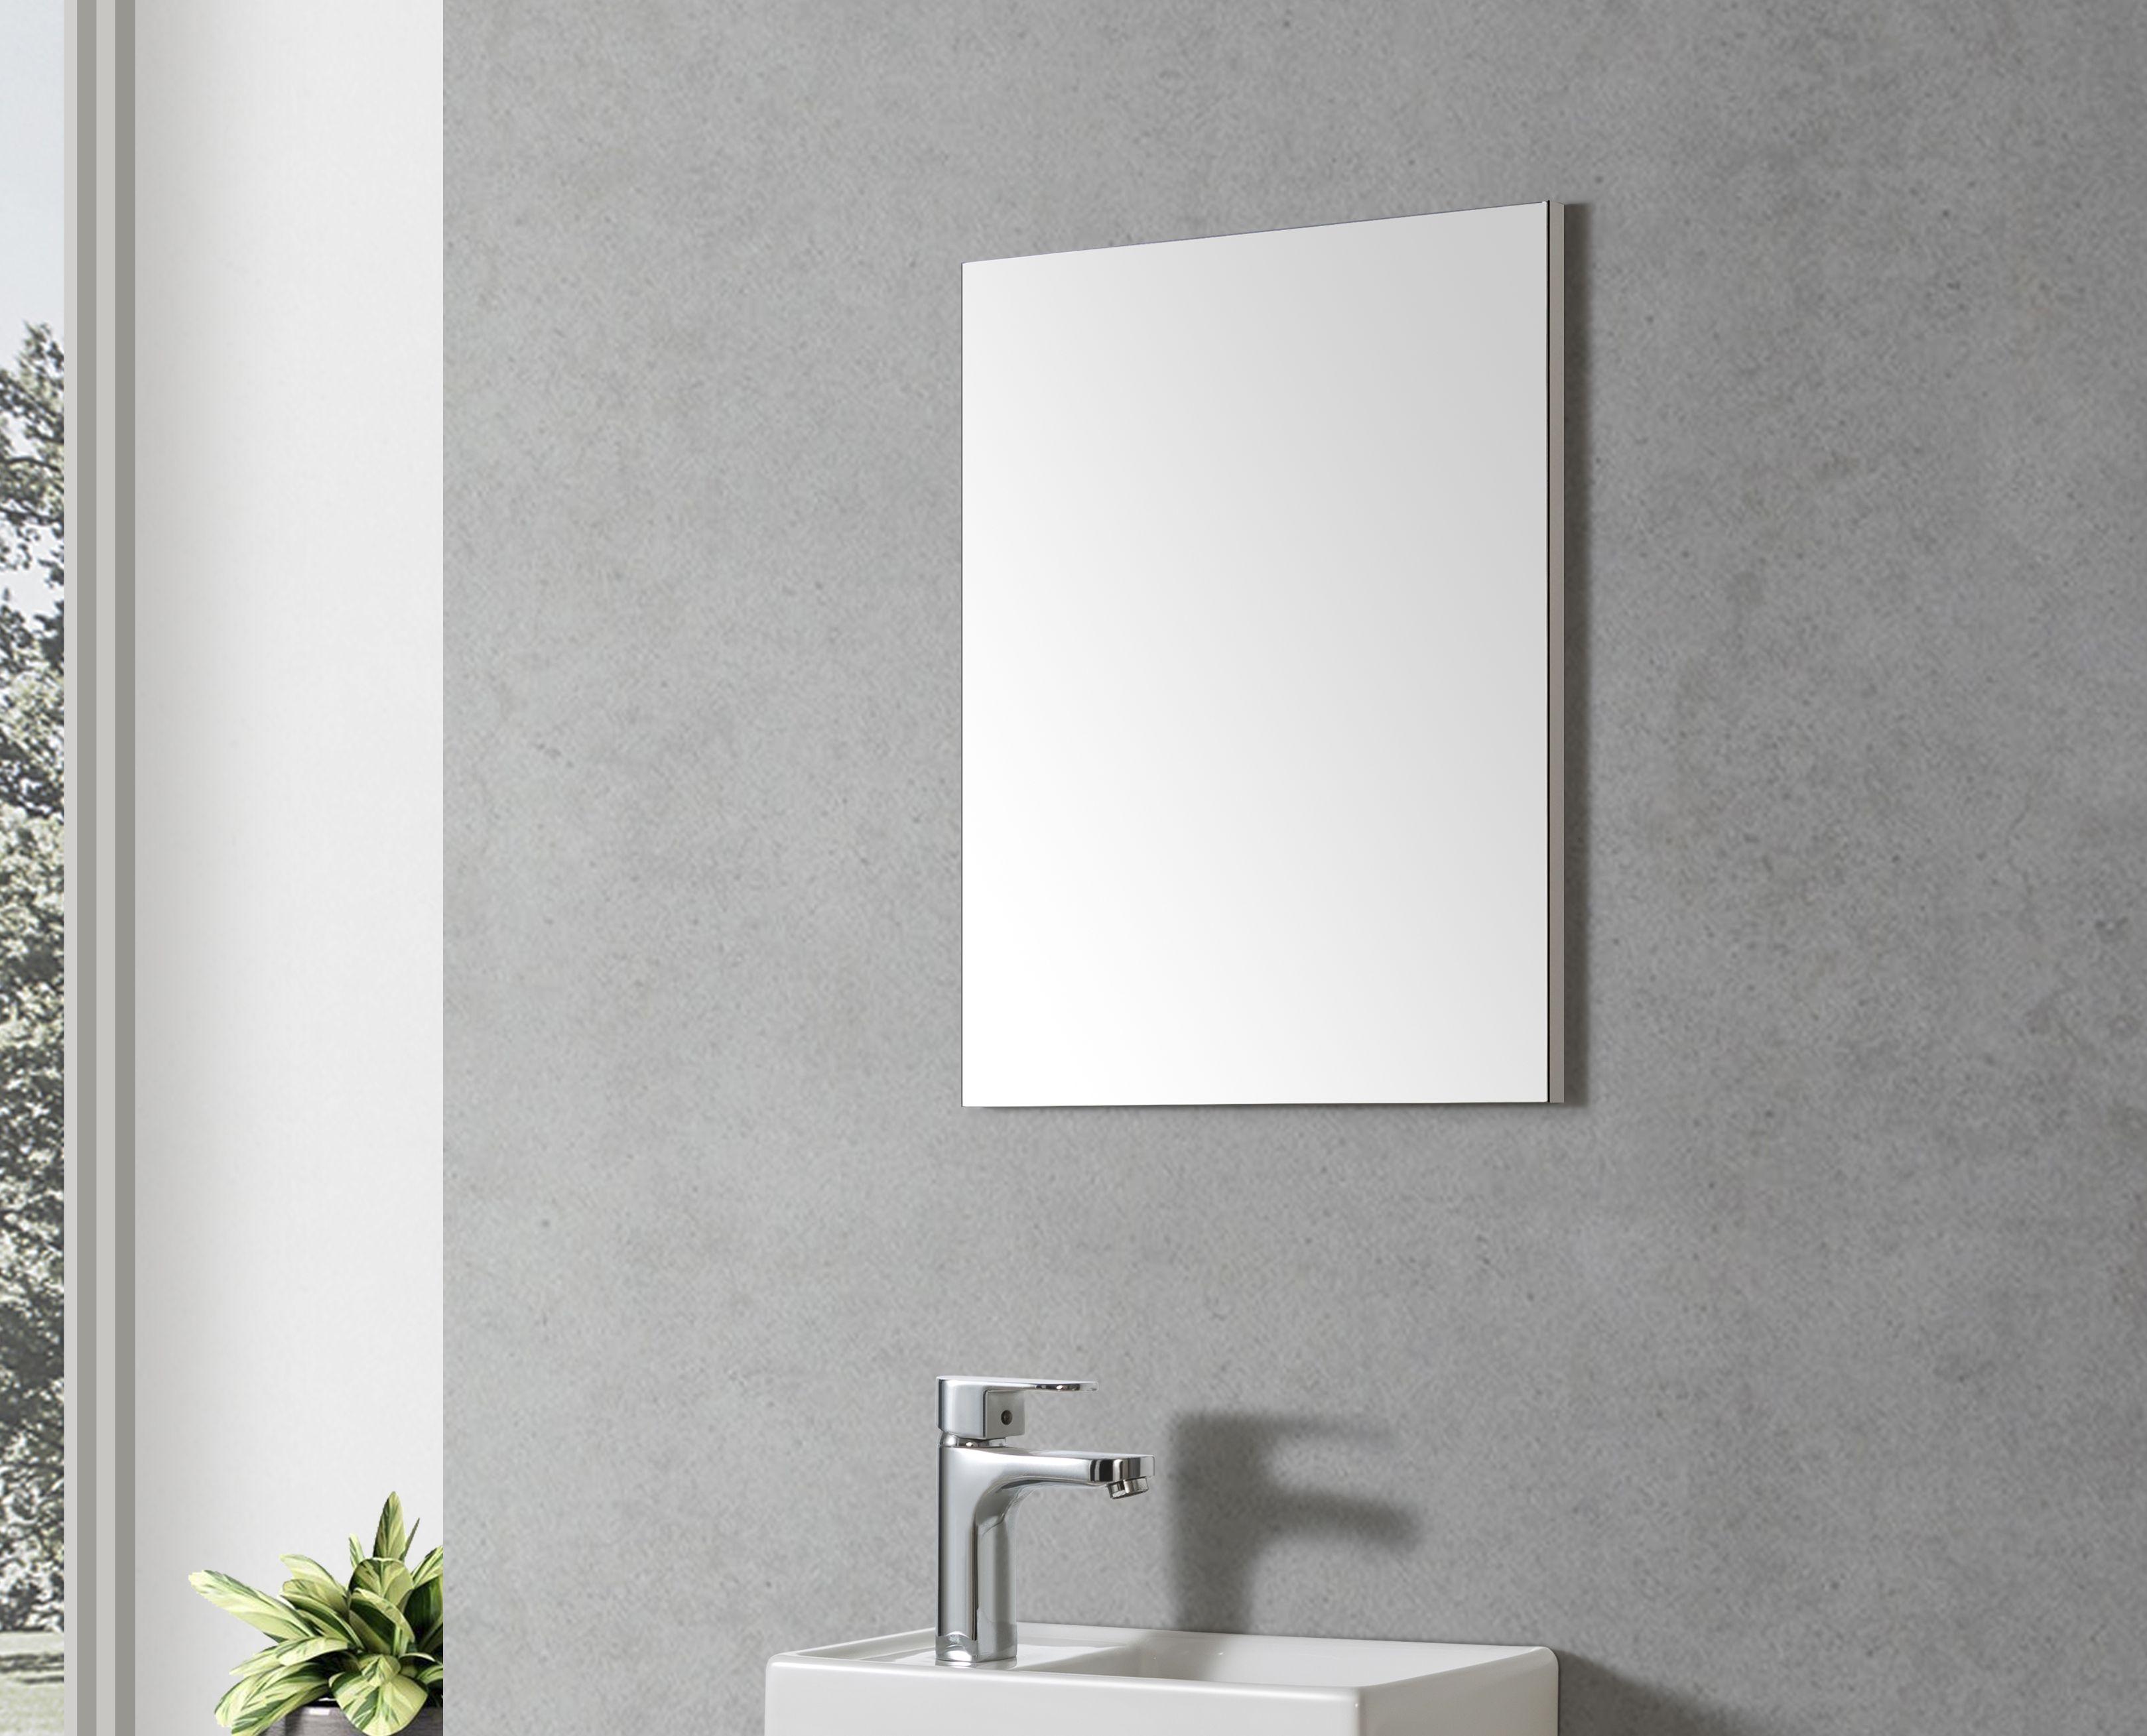 Badmöbel Spiegel VT40 40 (weißer Rahmen)